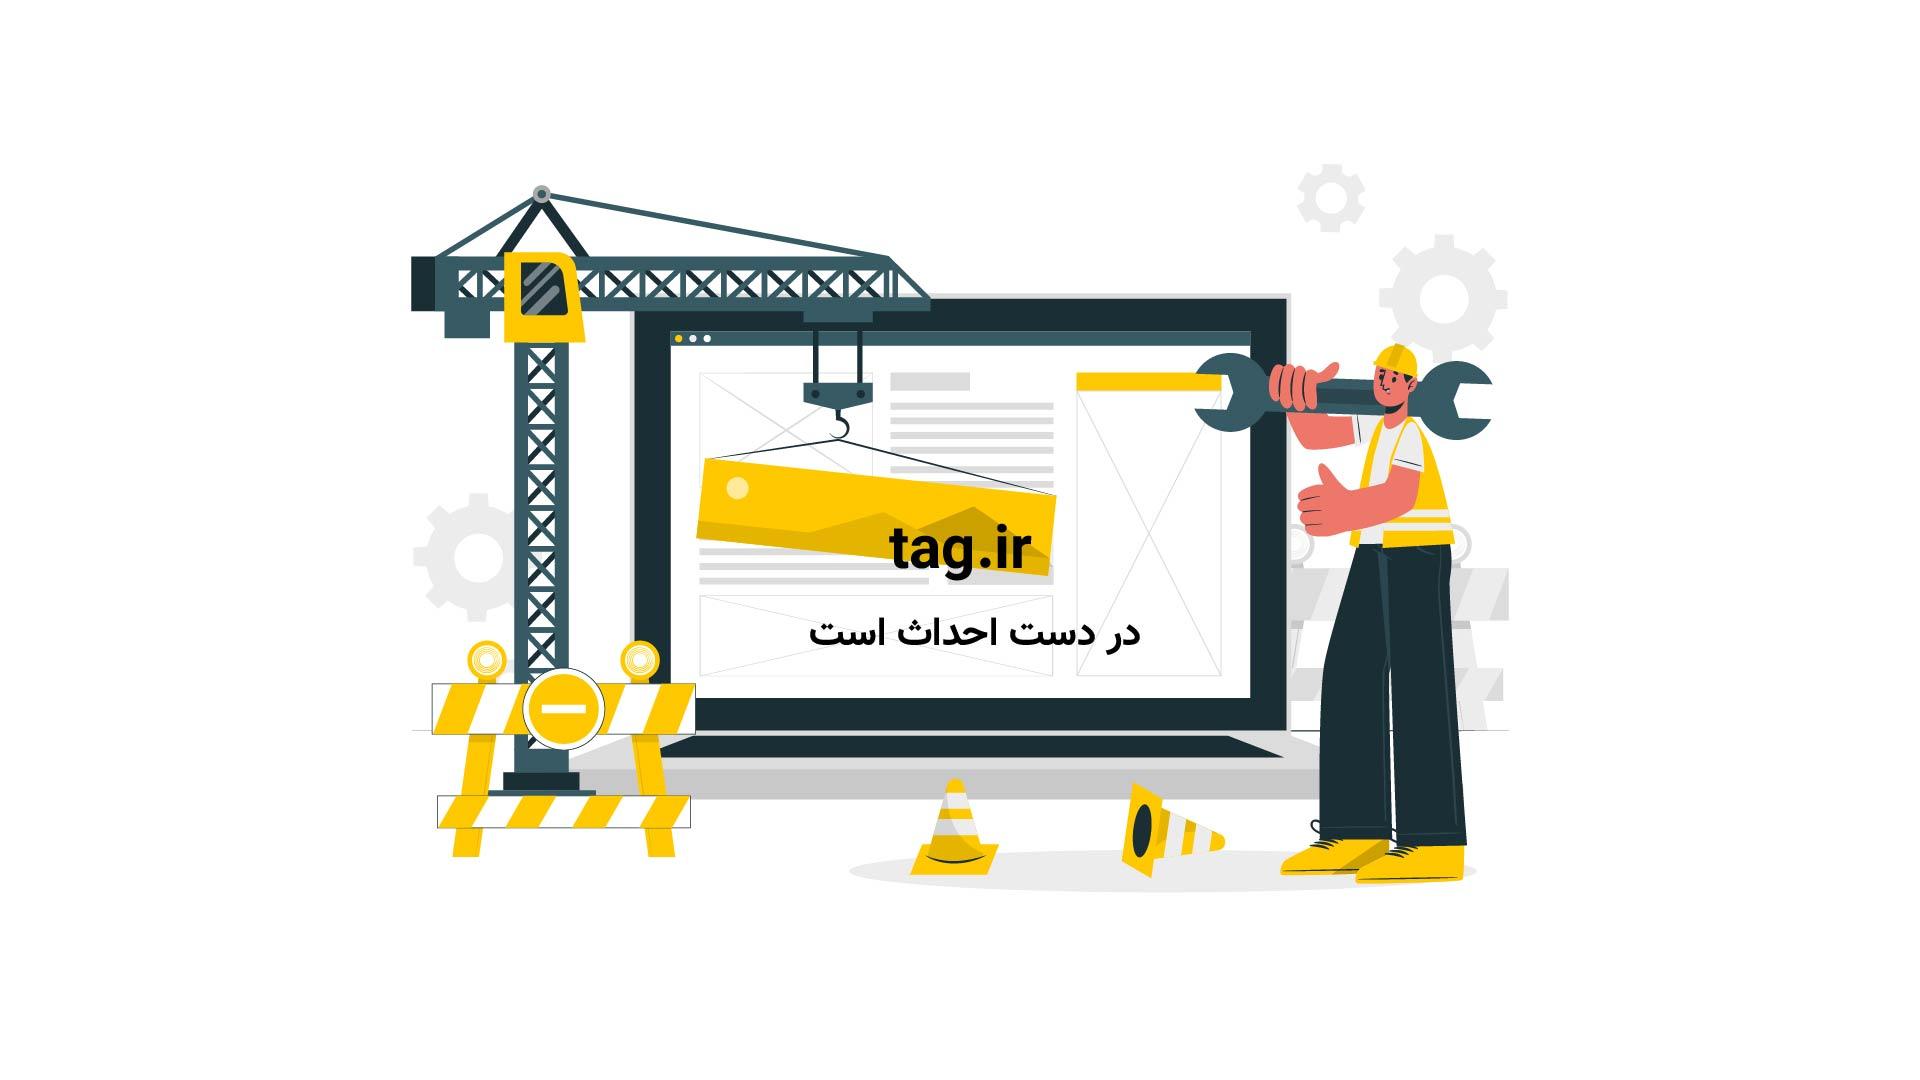 سخنرانیهای تد؛ واقعیاتی درباره برخی موضوعات روانشناسی | فیلم